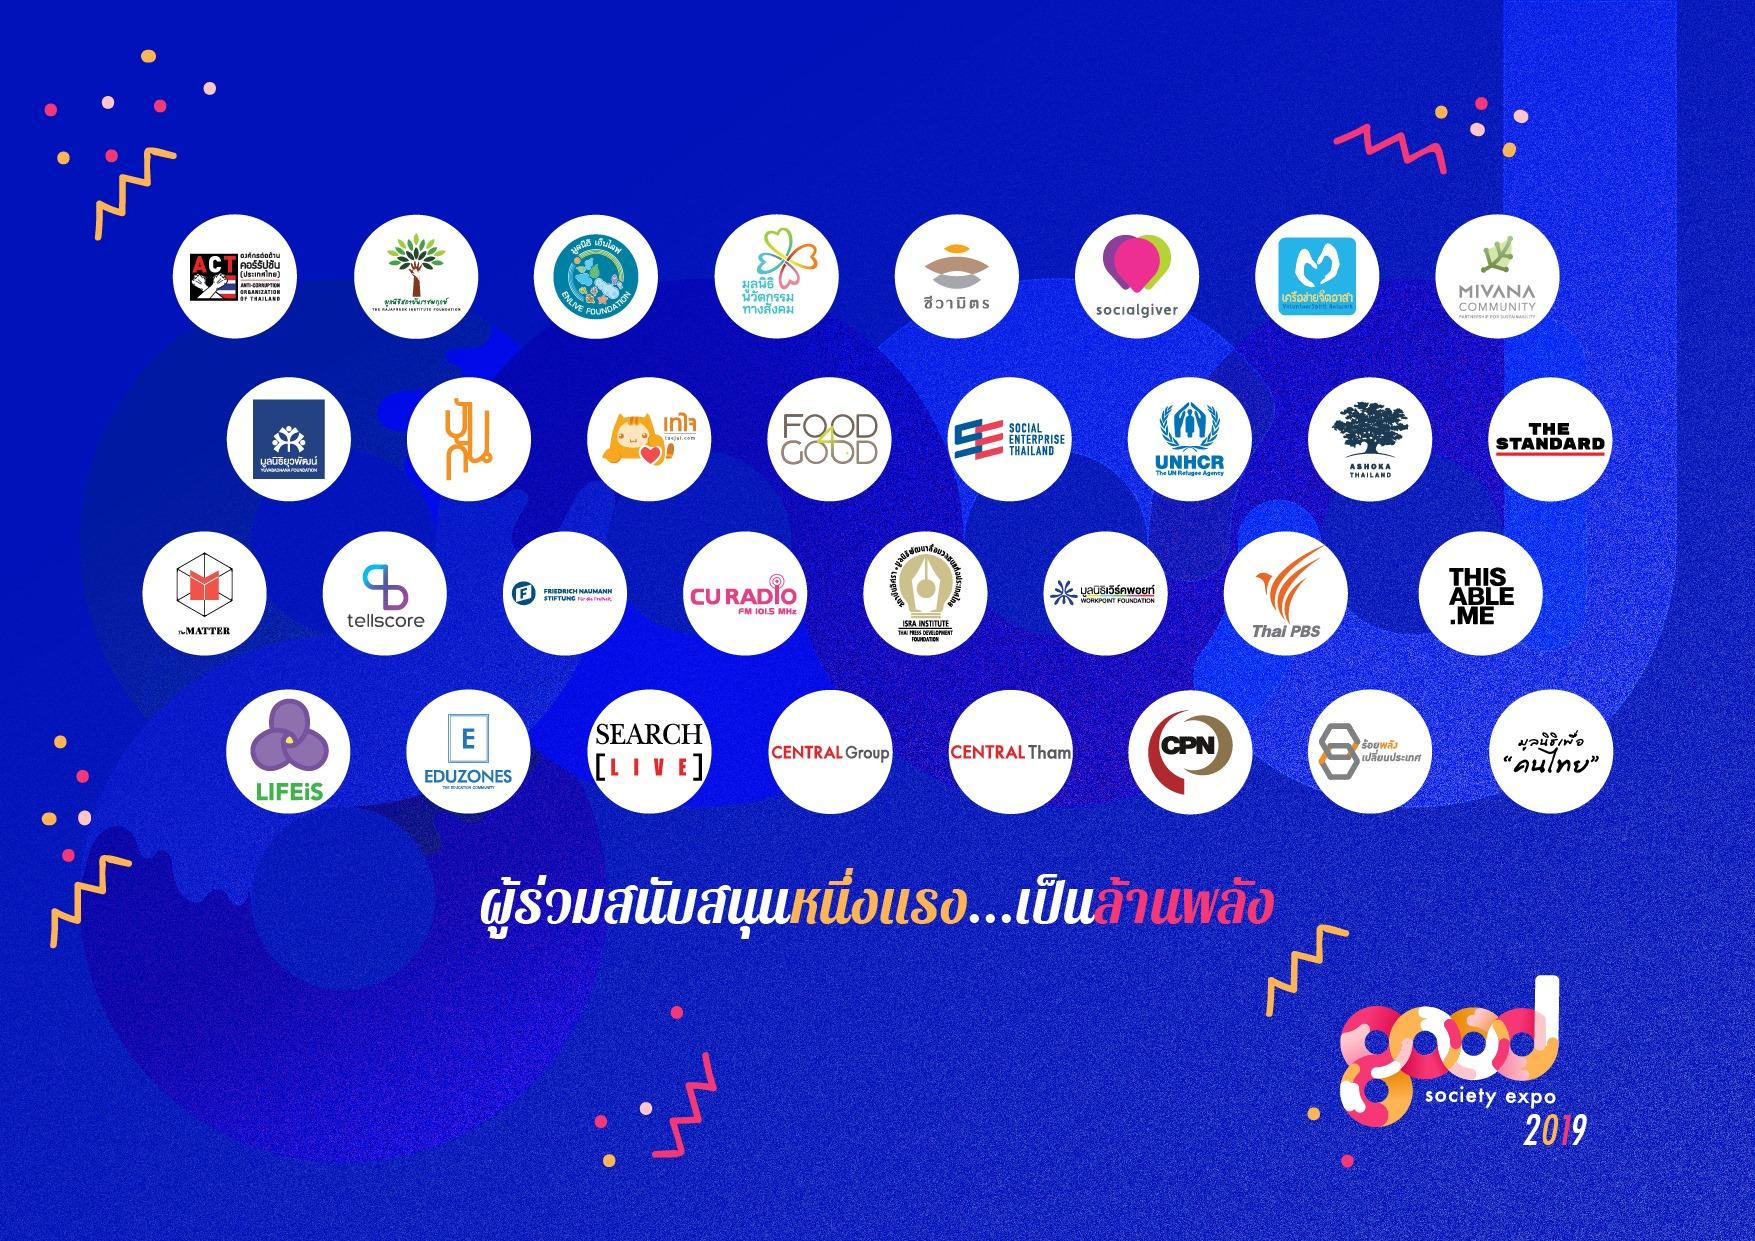 Good Society Expo 2019 - Organizers